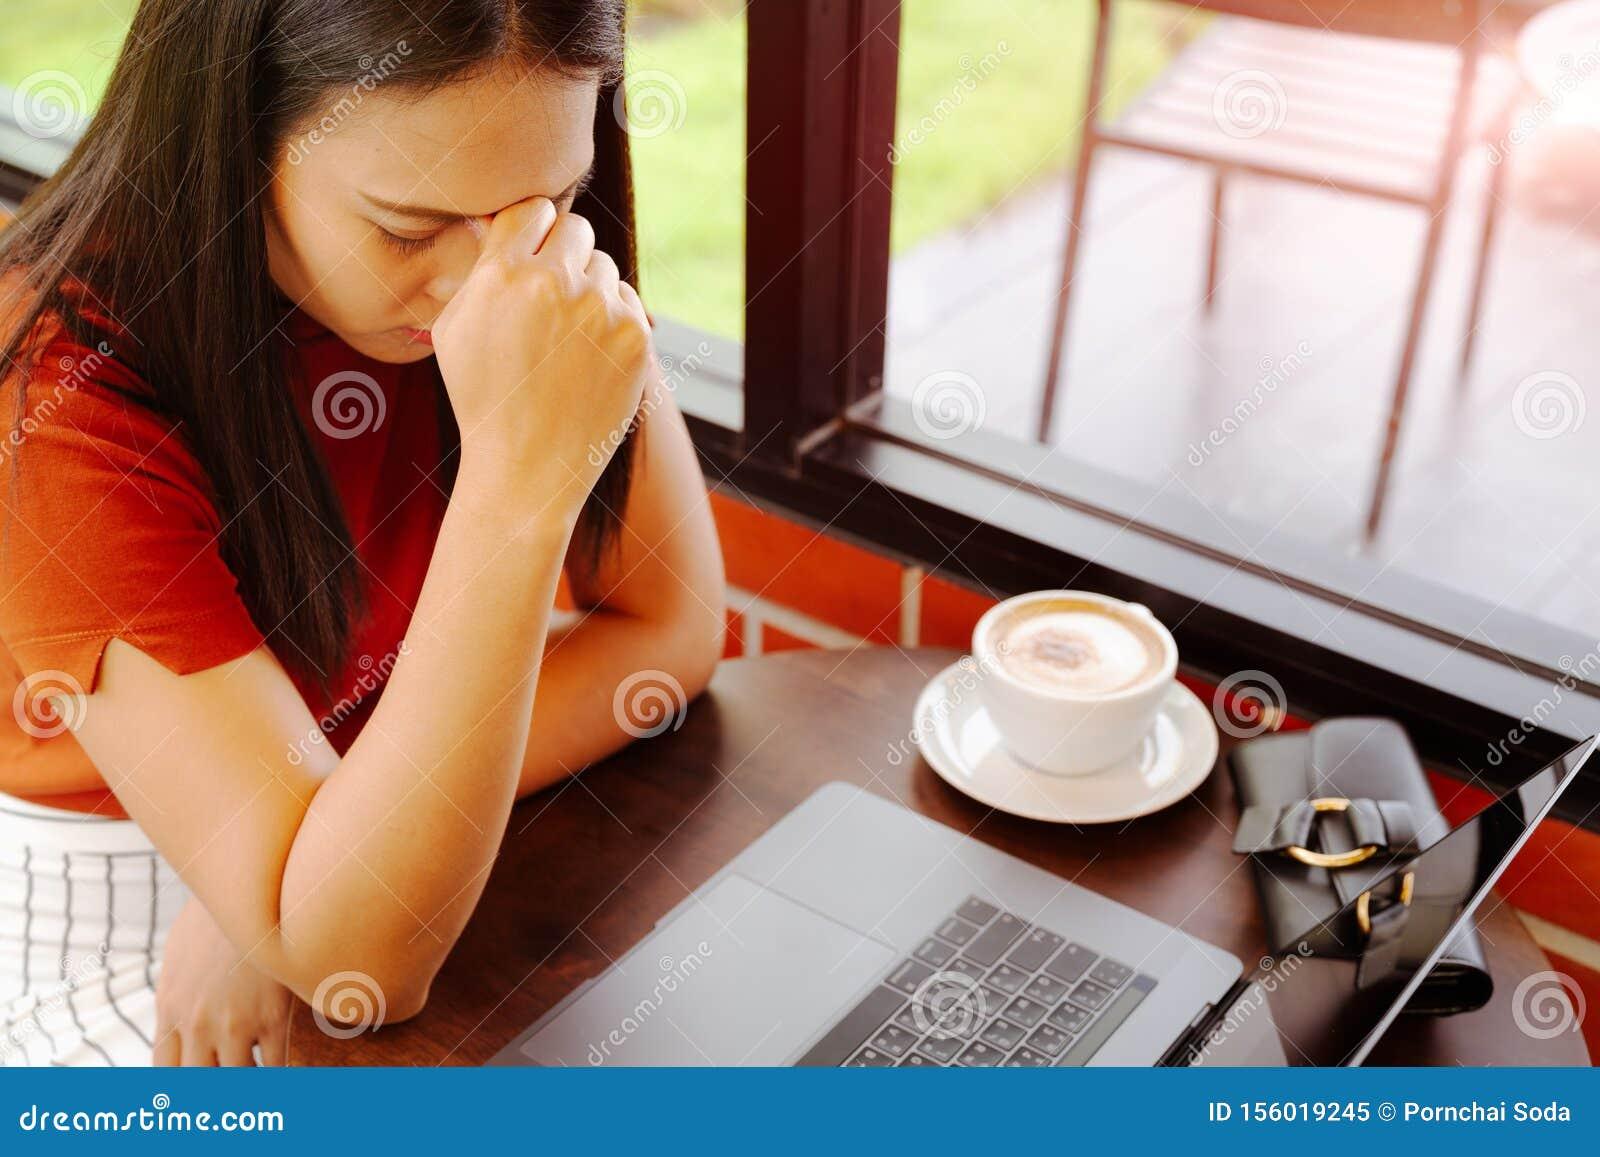 Девушка устала после работе заработать моделью онлайн в кызыл